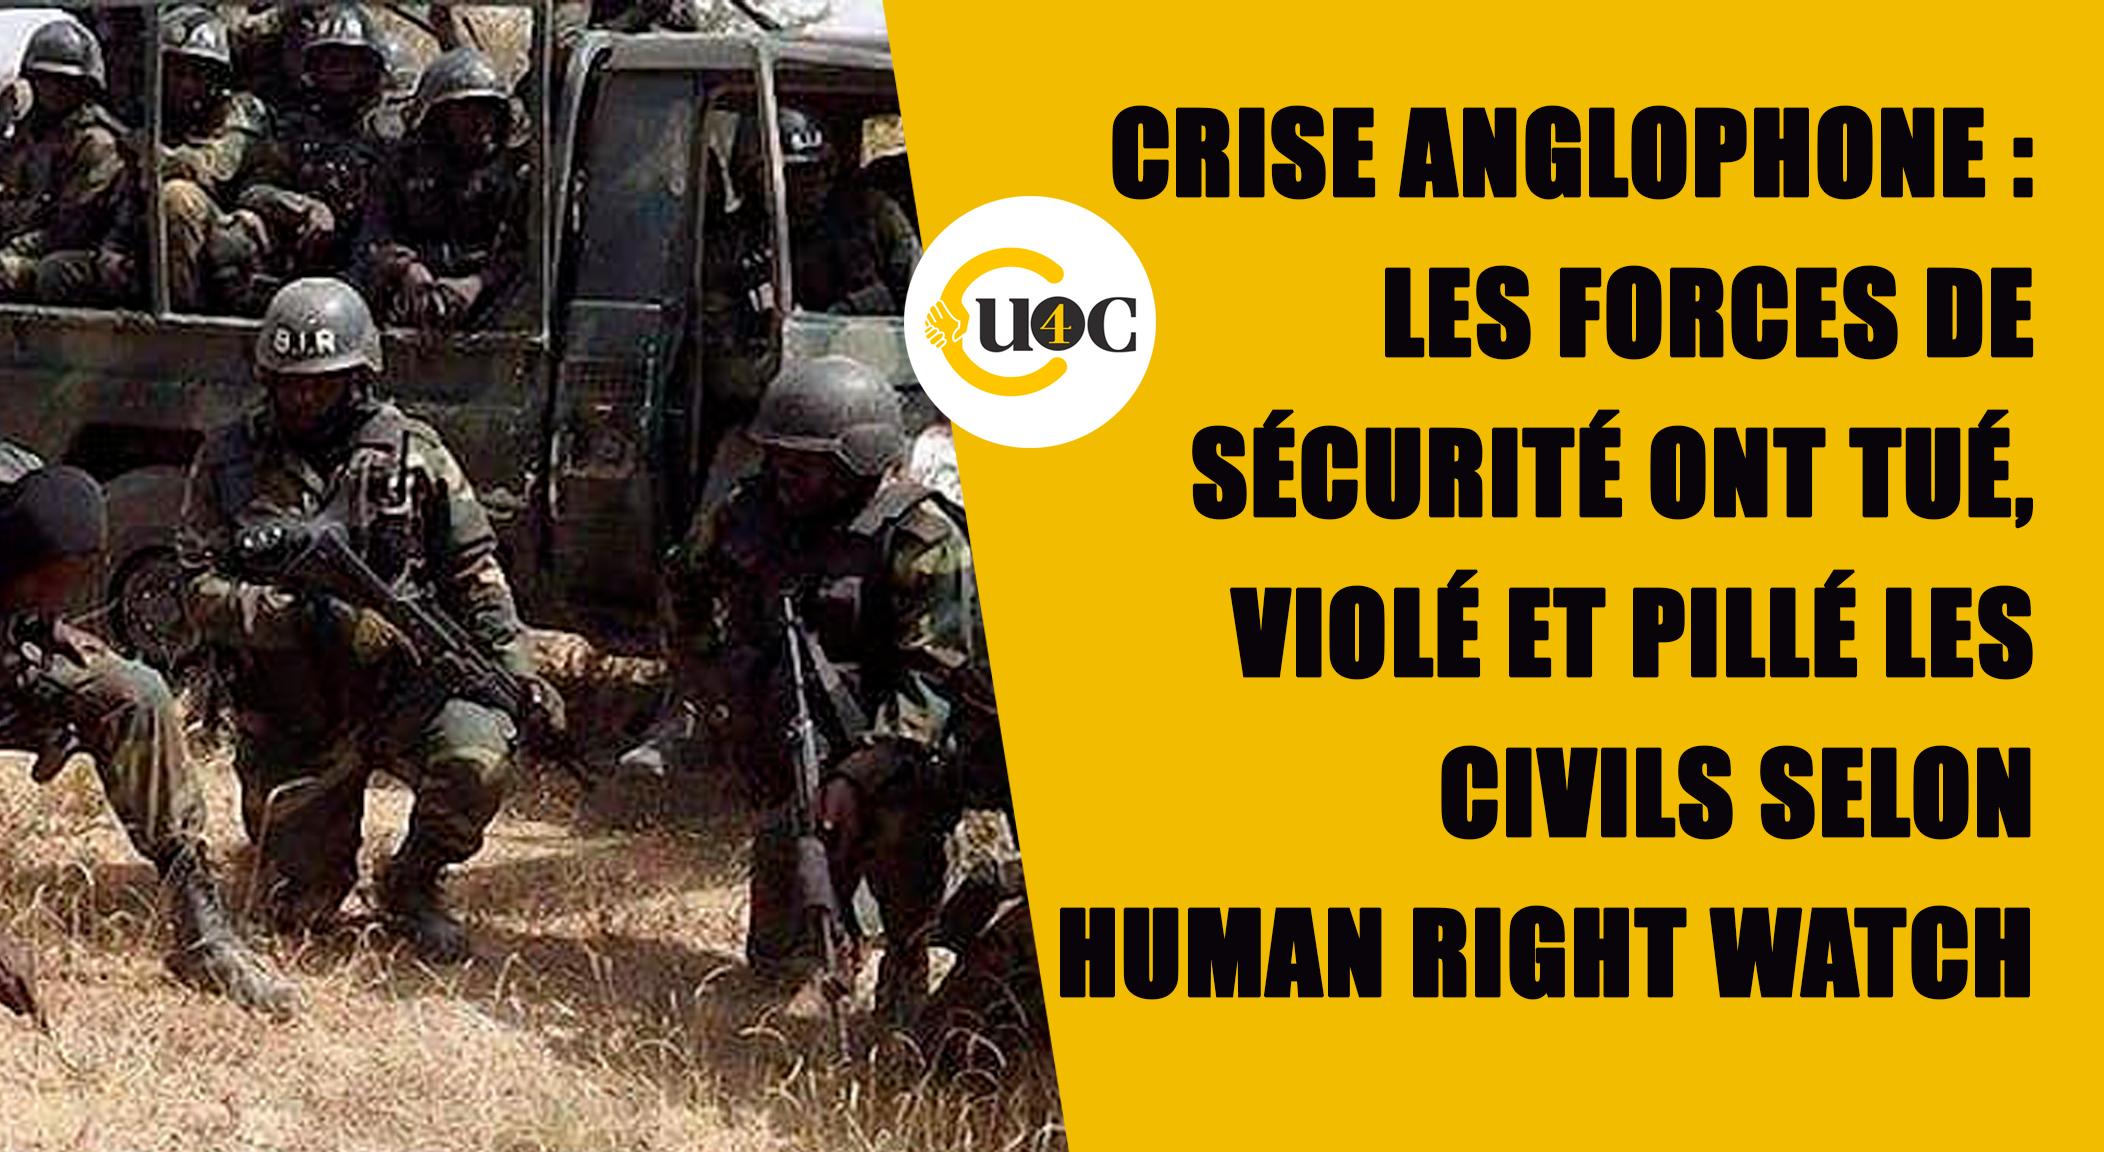 Crise Anglohone : les forces de sécurité ont tué, violé et pillé les civils selon Human Right Watch